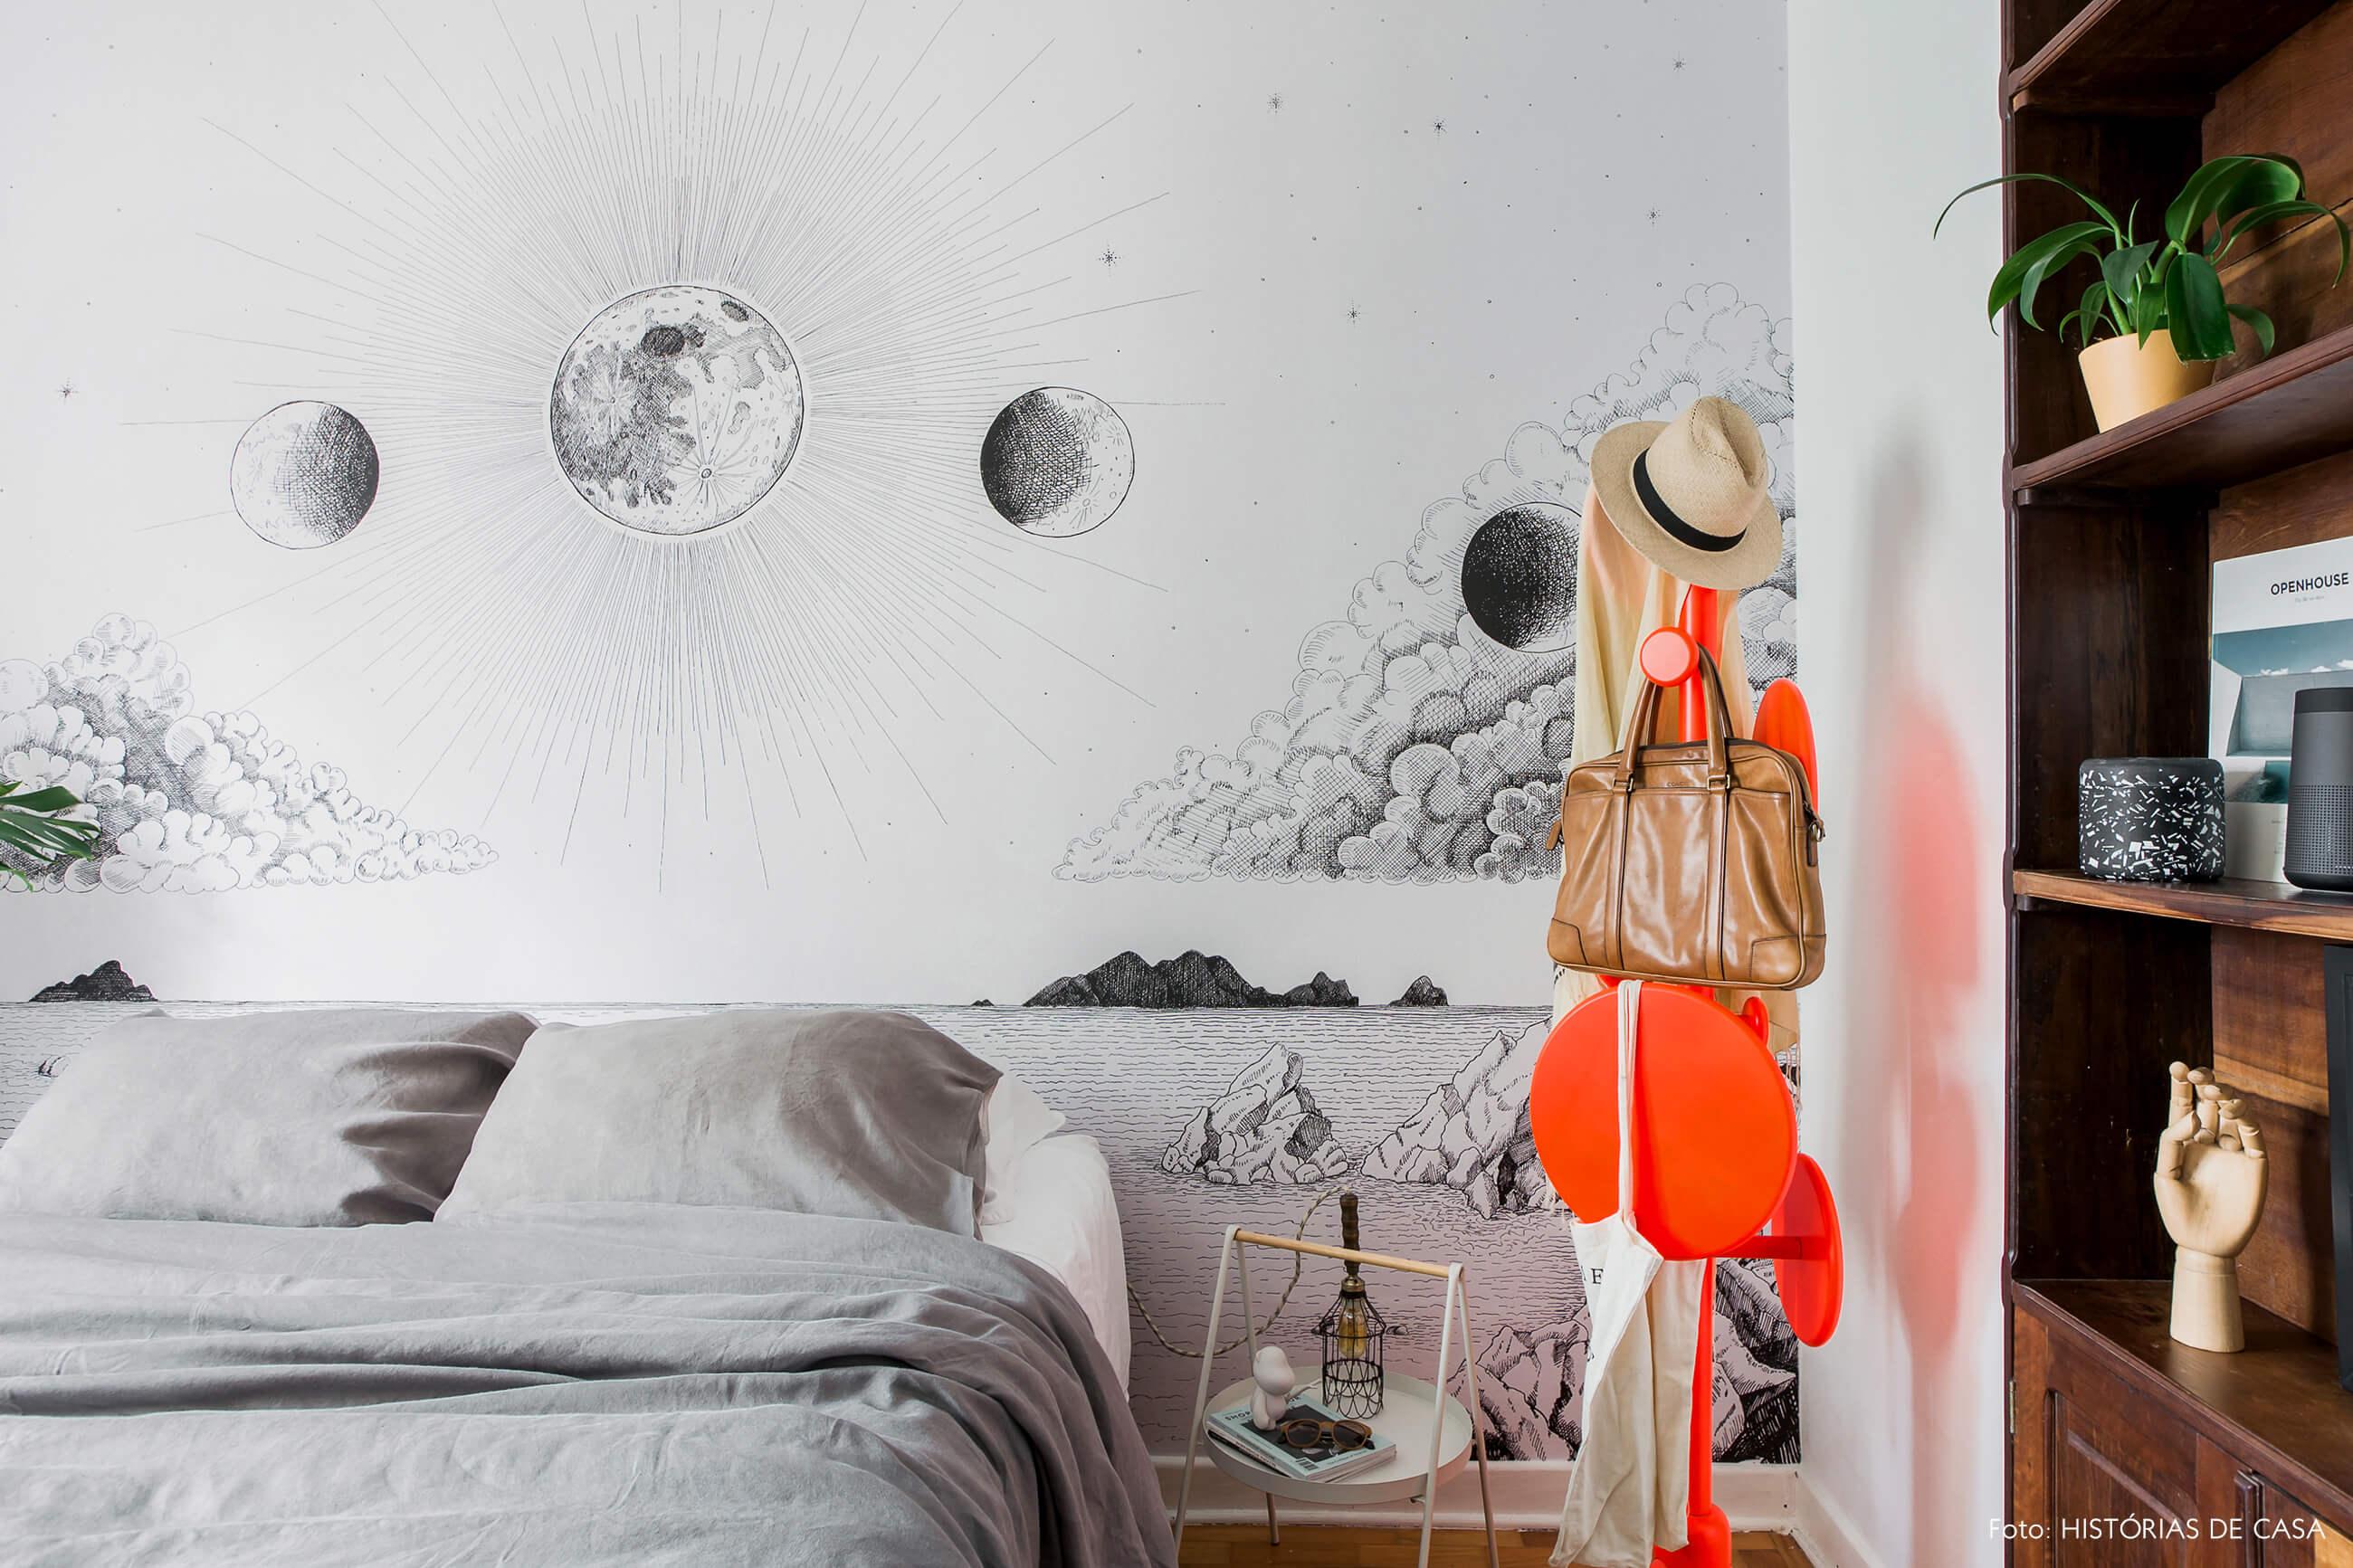 Apê alugado e quarto com papel de parede da marca branco.